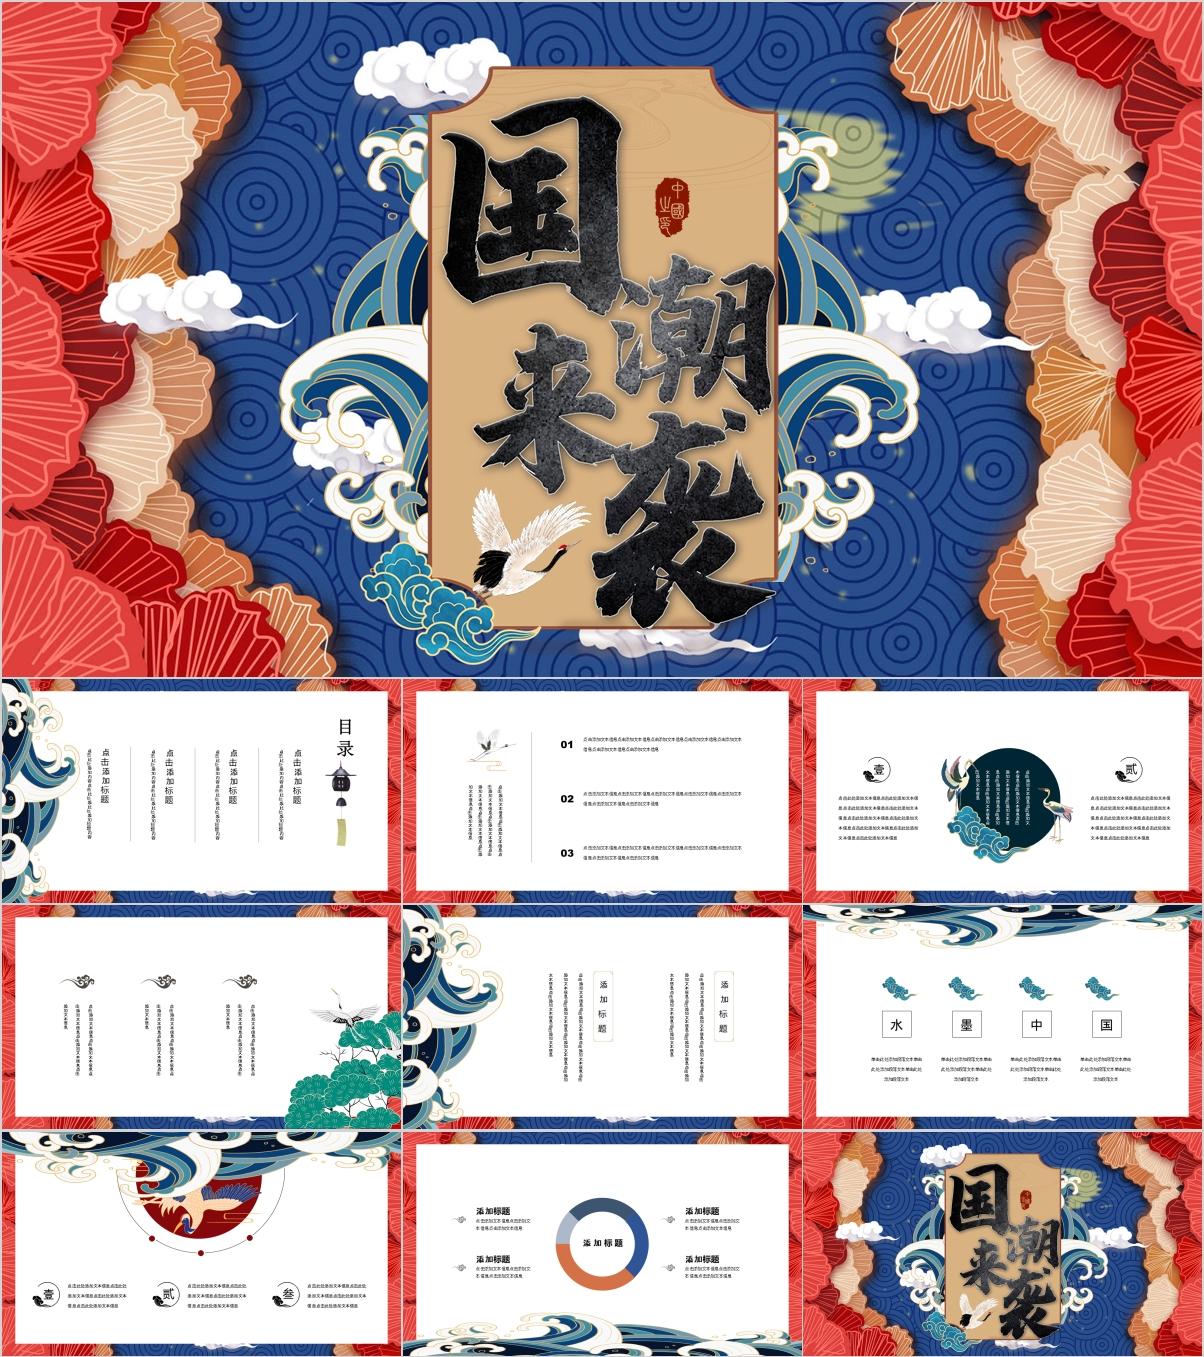 【PPT】国潮来袭中国风复古手绘小清新PPT模板-爱资源分享